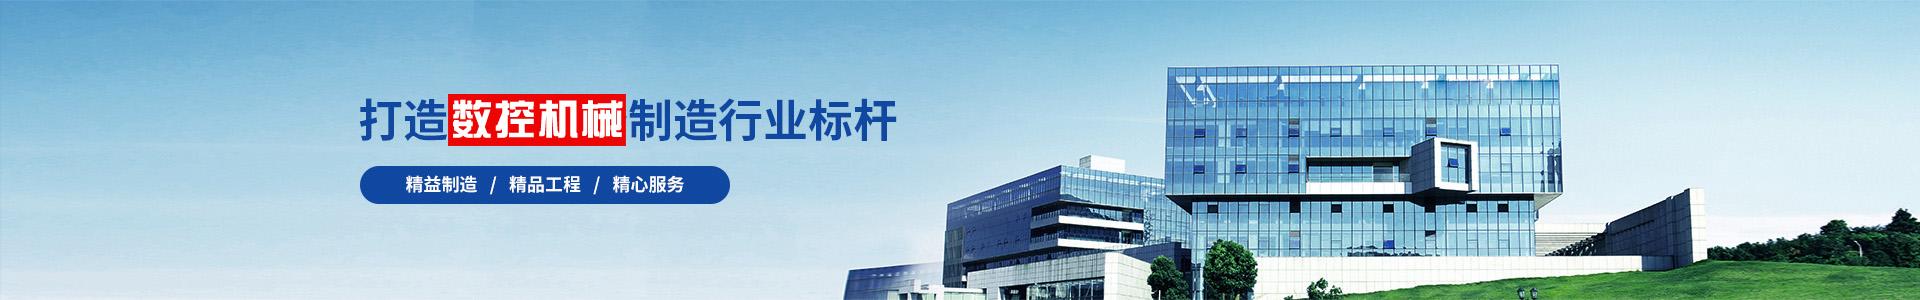 河北方贤乐动体育投注有限公司